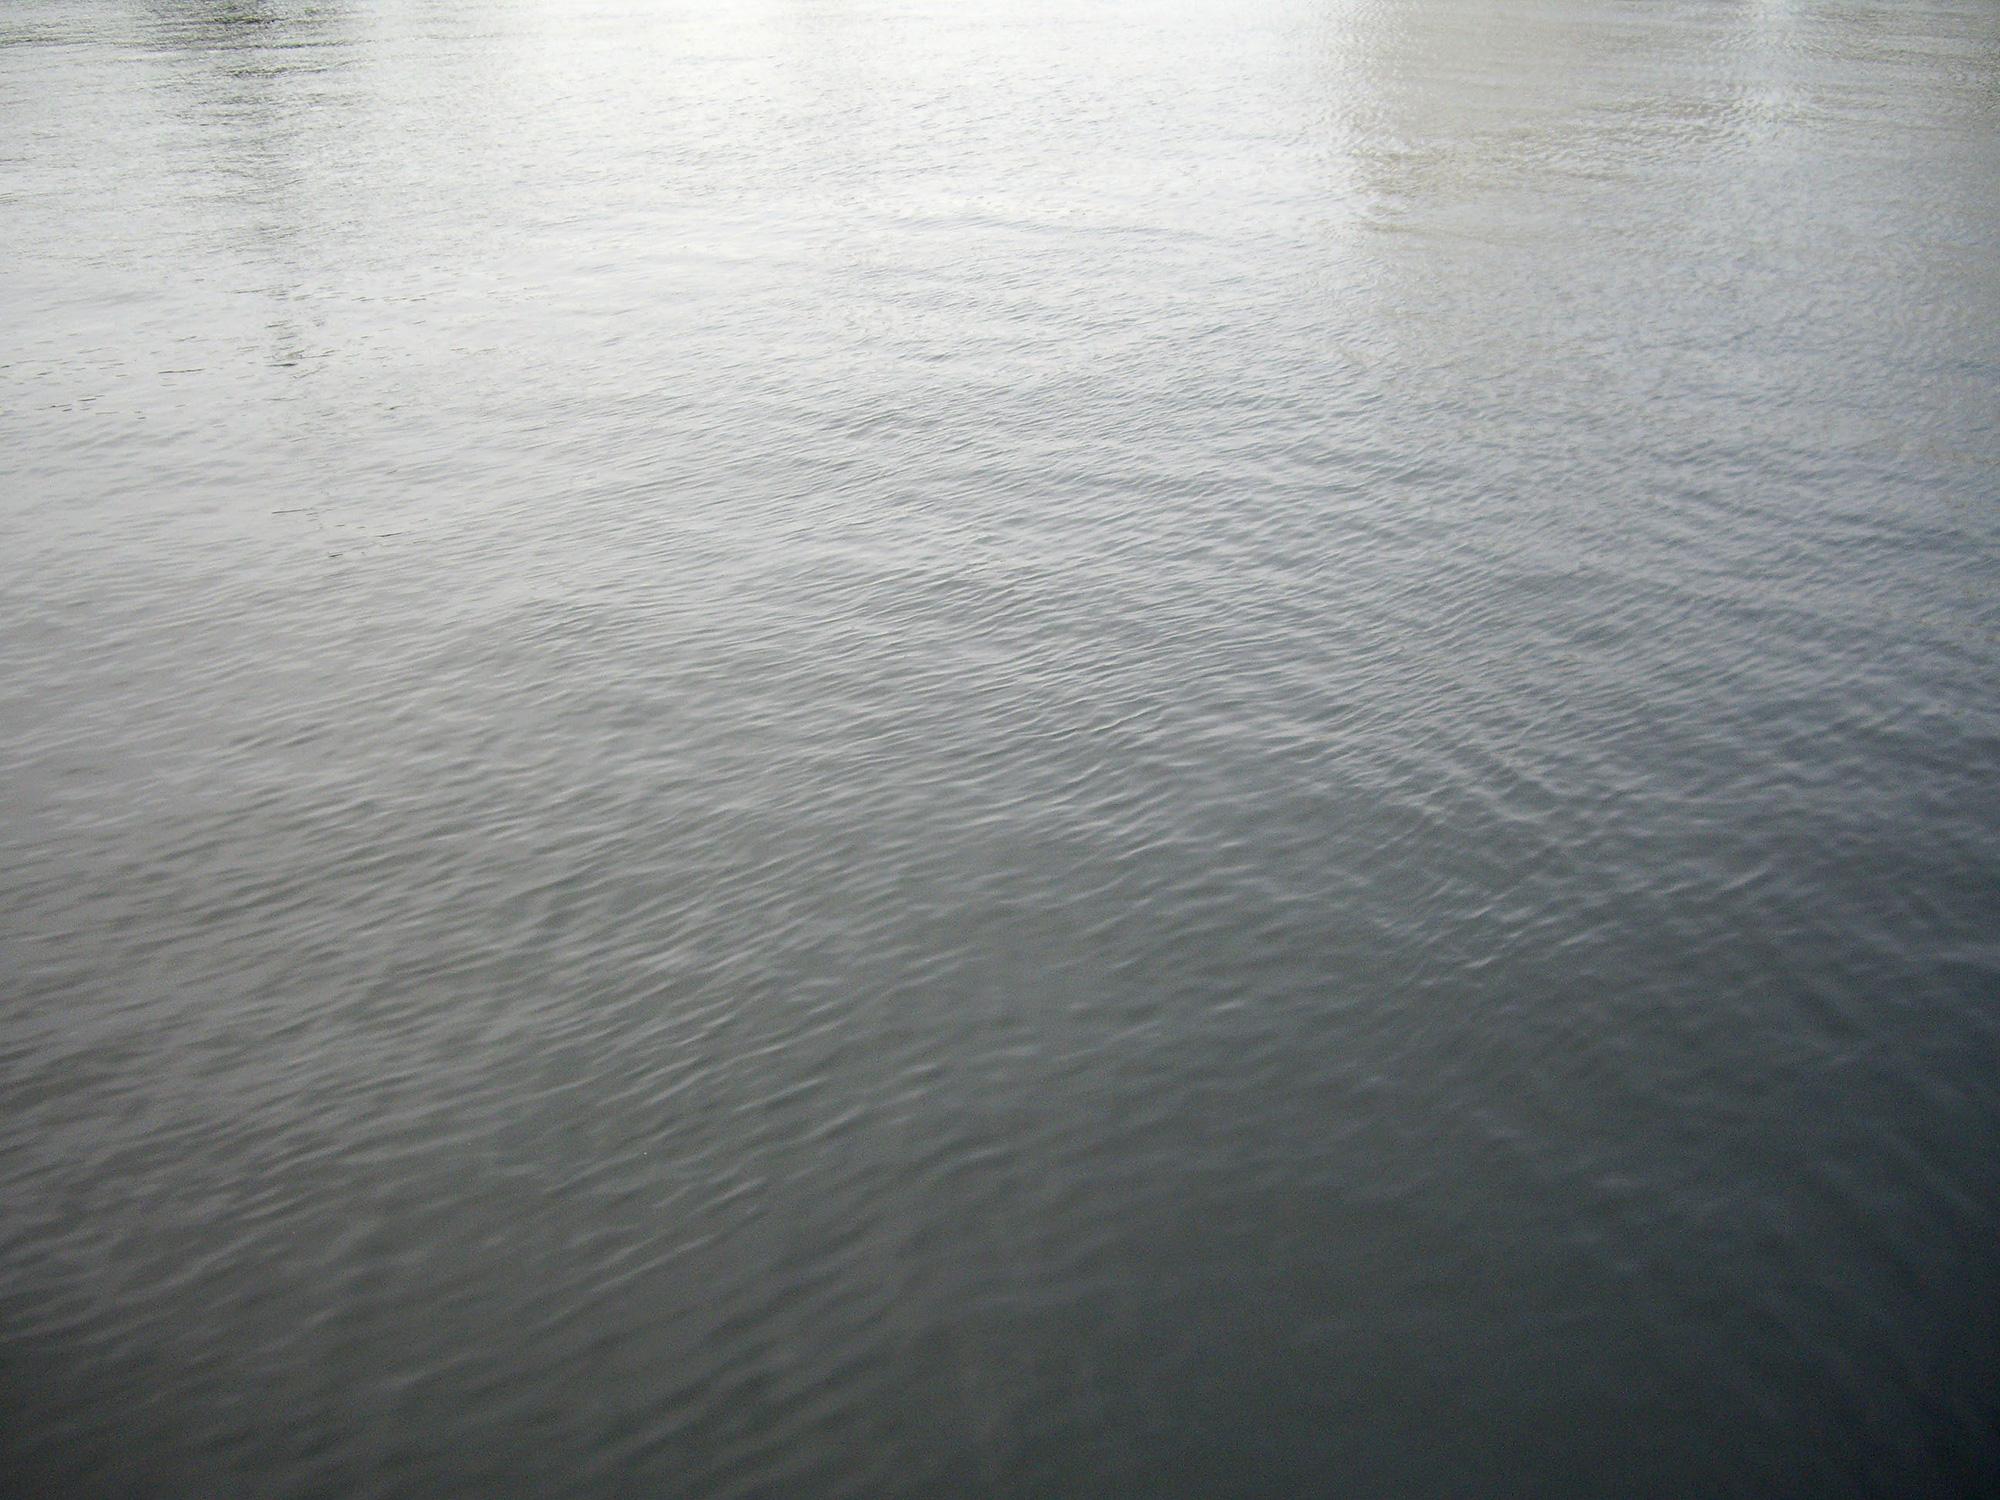 水面のテクスチャの写真のフリー素材